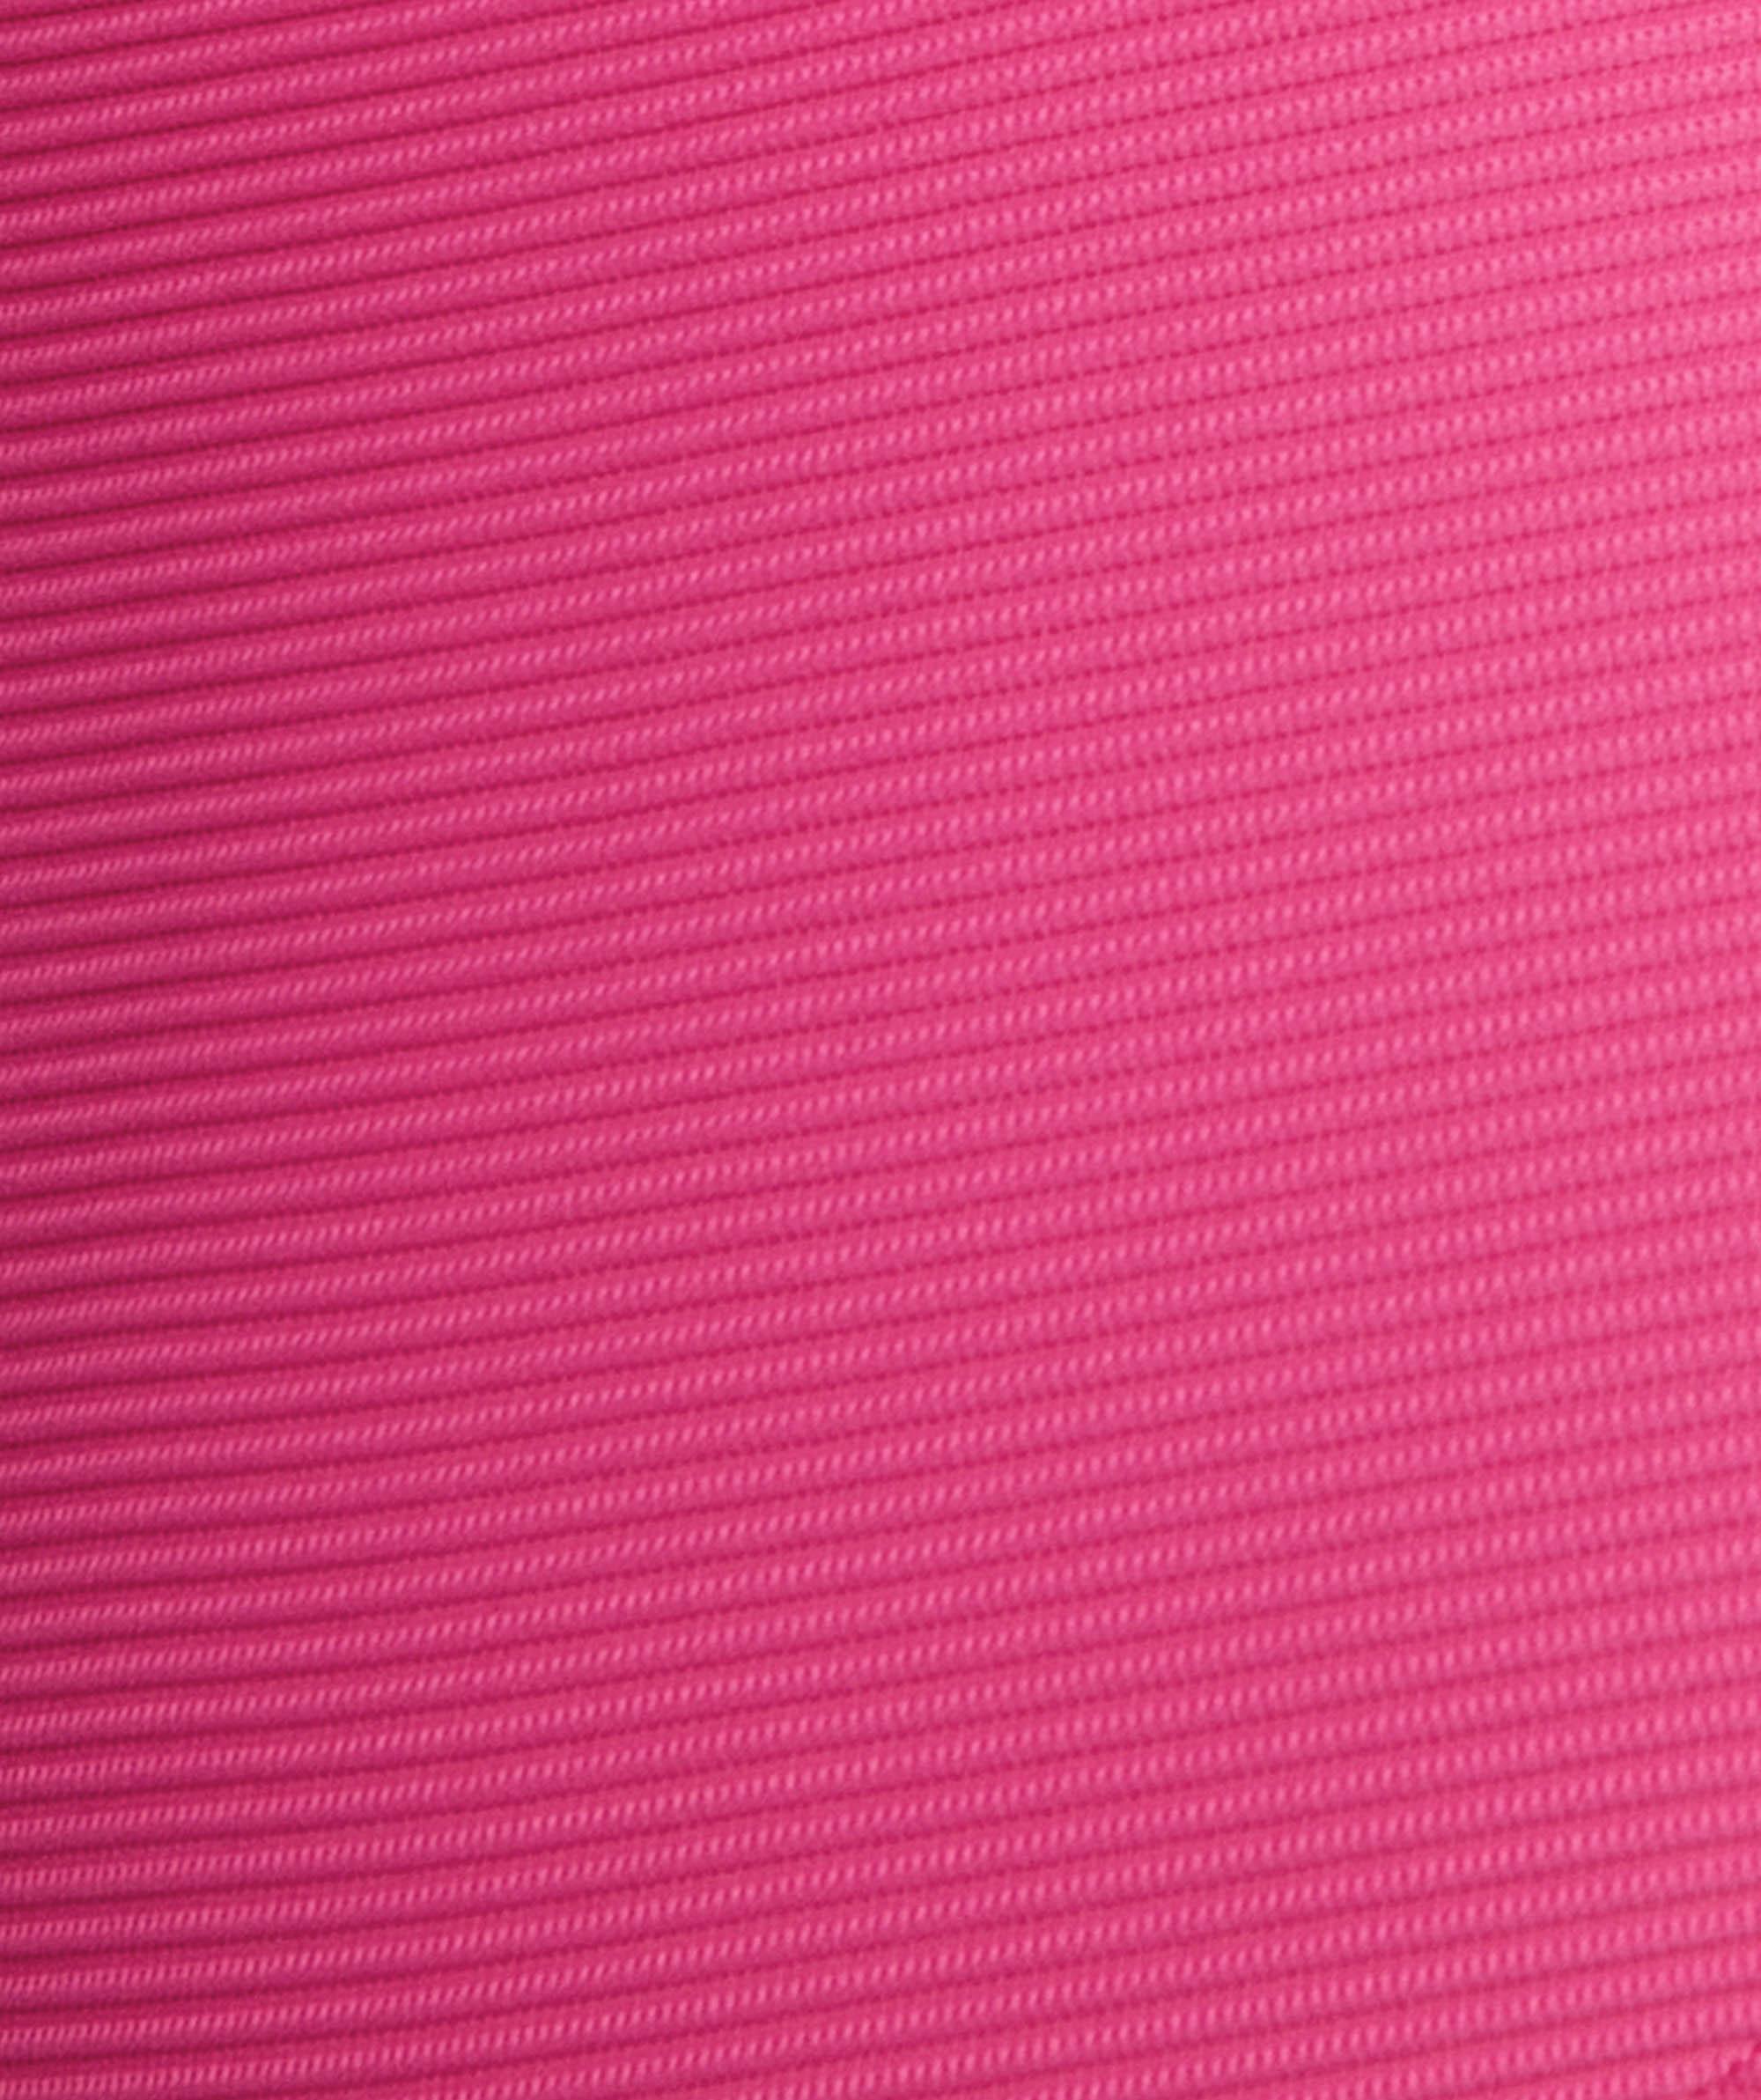 Vamp Tangier Cara Plunge Swim Top - Fuchsia Pink